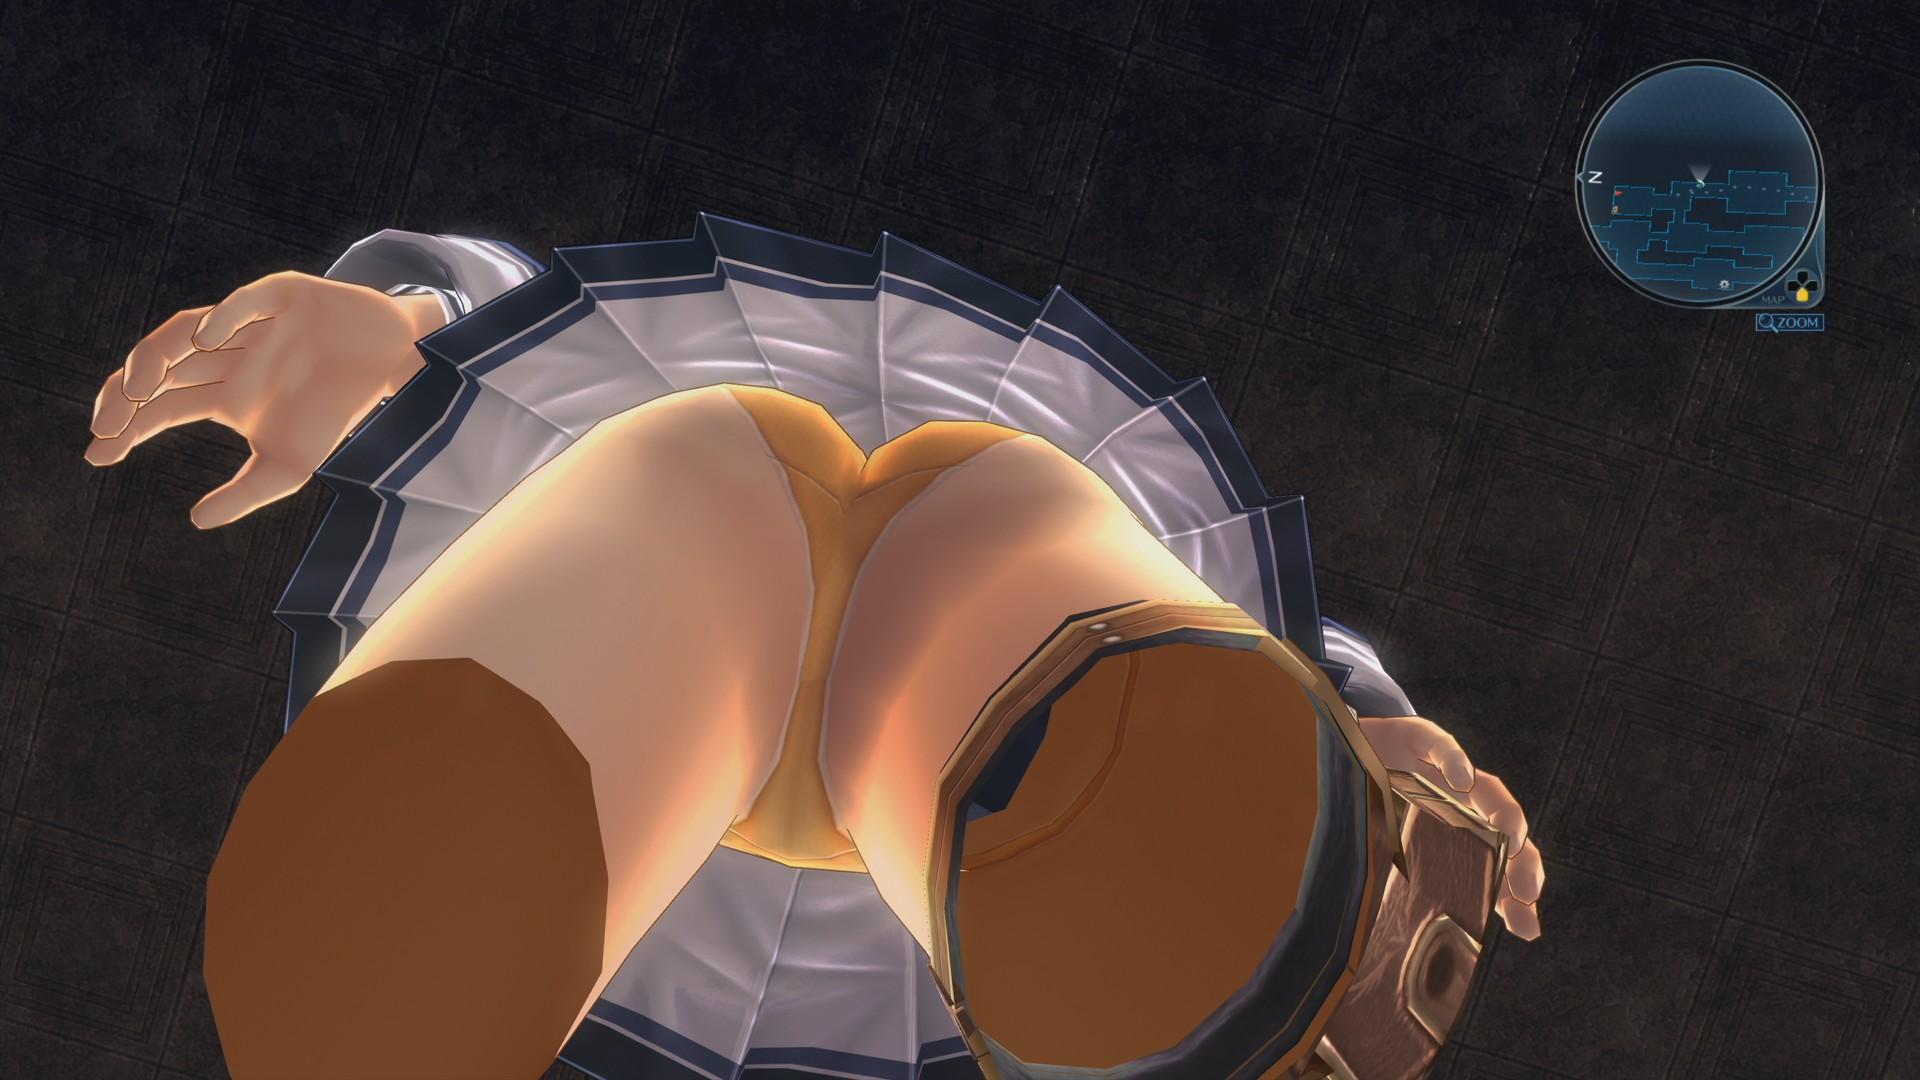 ユウナちゃんのパンツ画像